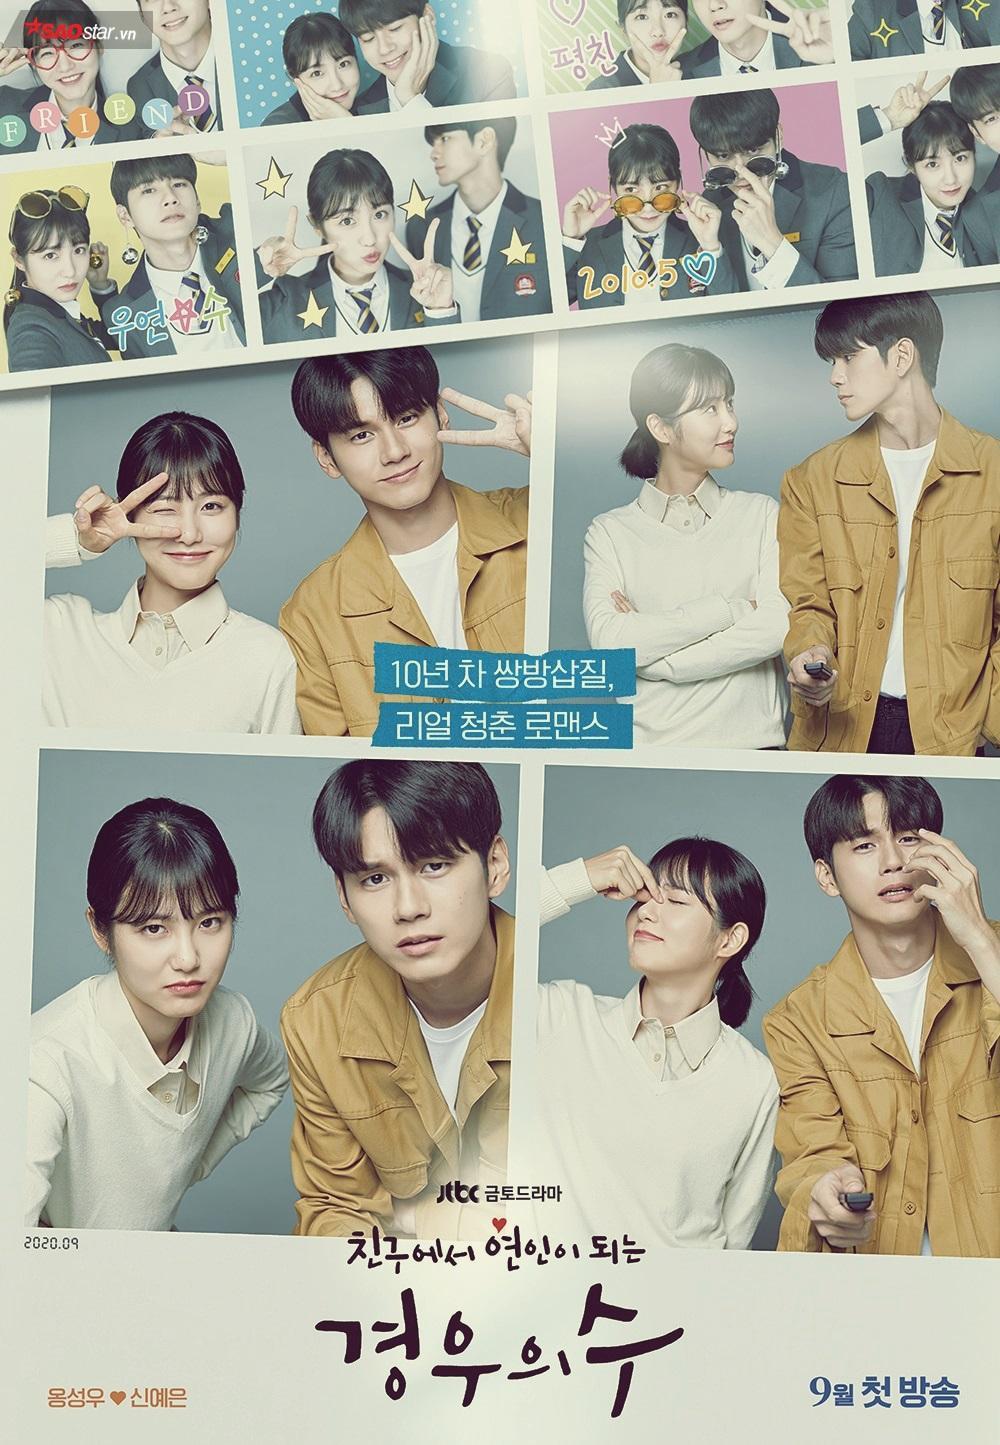 Phim truyền hình Hàn Quốc cuối tháng 9: Đa dạng thể loại nhưng nội dung không mới mẻ Ảnh 7